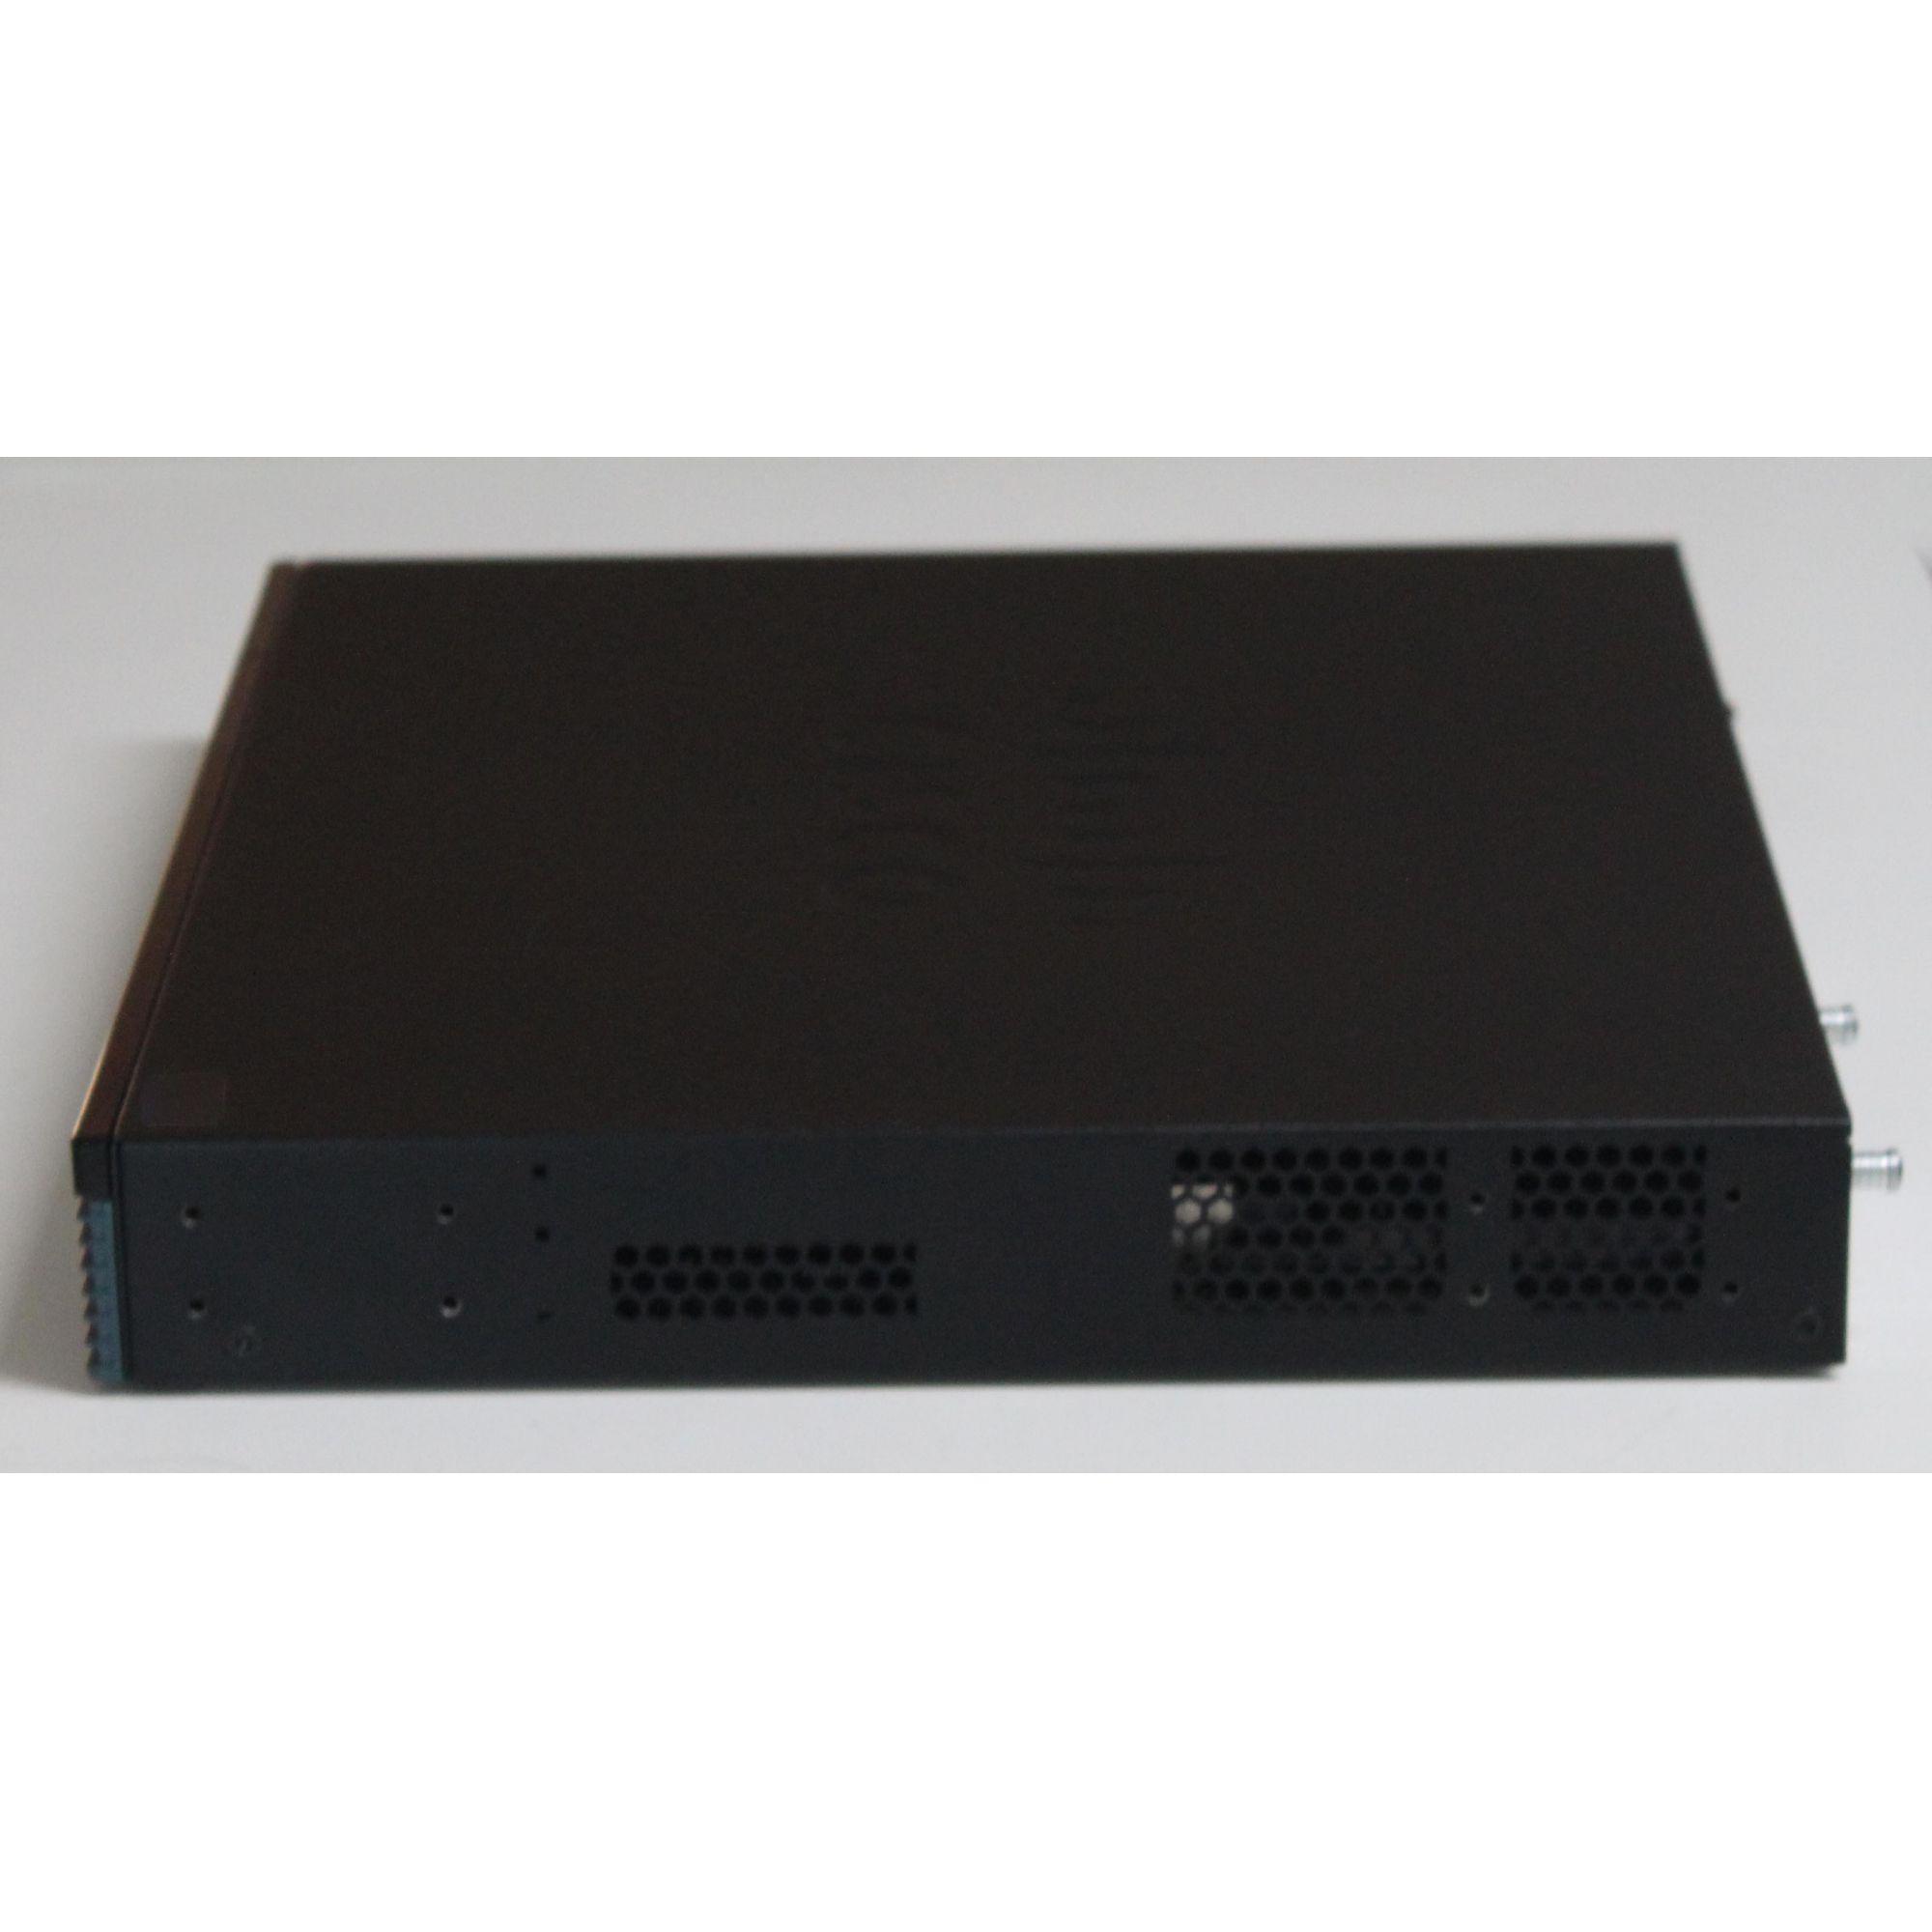 Roteador de serviços Cisco 1905 - 2x RJ45 10/100/1000Mbps